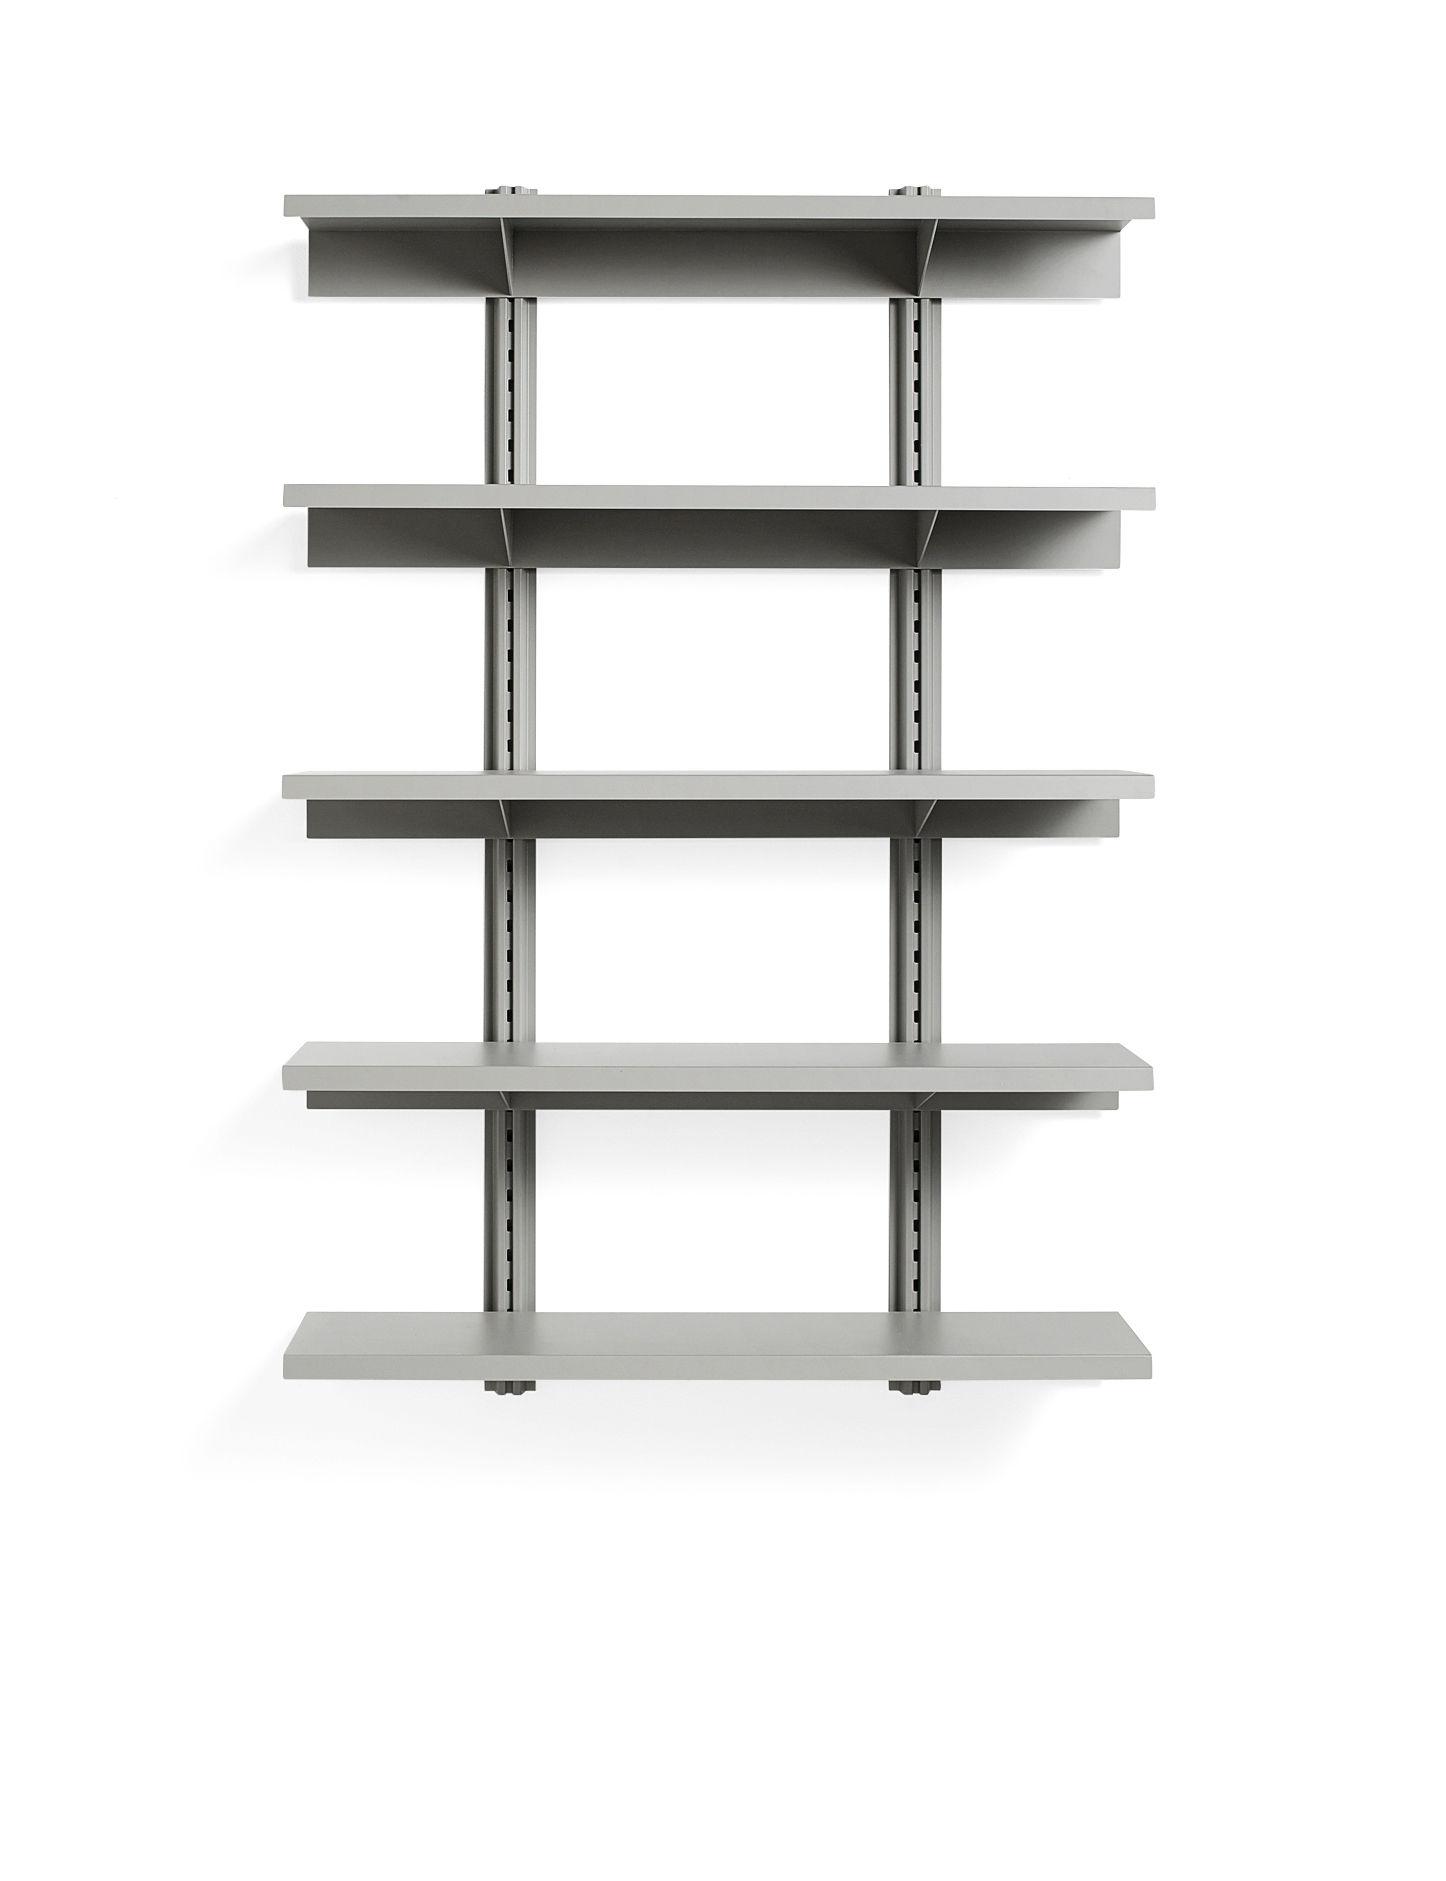 Arredamento - Scaffali e librerie - Scaffale Standard Issue - / L 120 x H 180 cm - Acciaio di Hay - Grigio - Acier laqué époxy